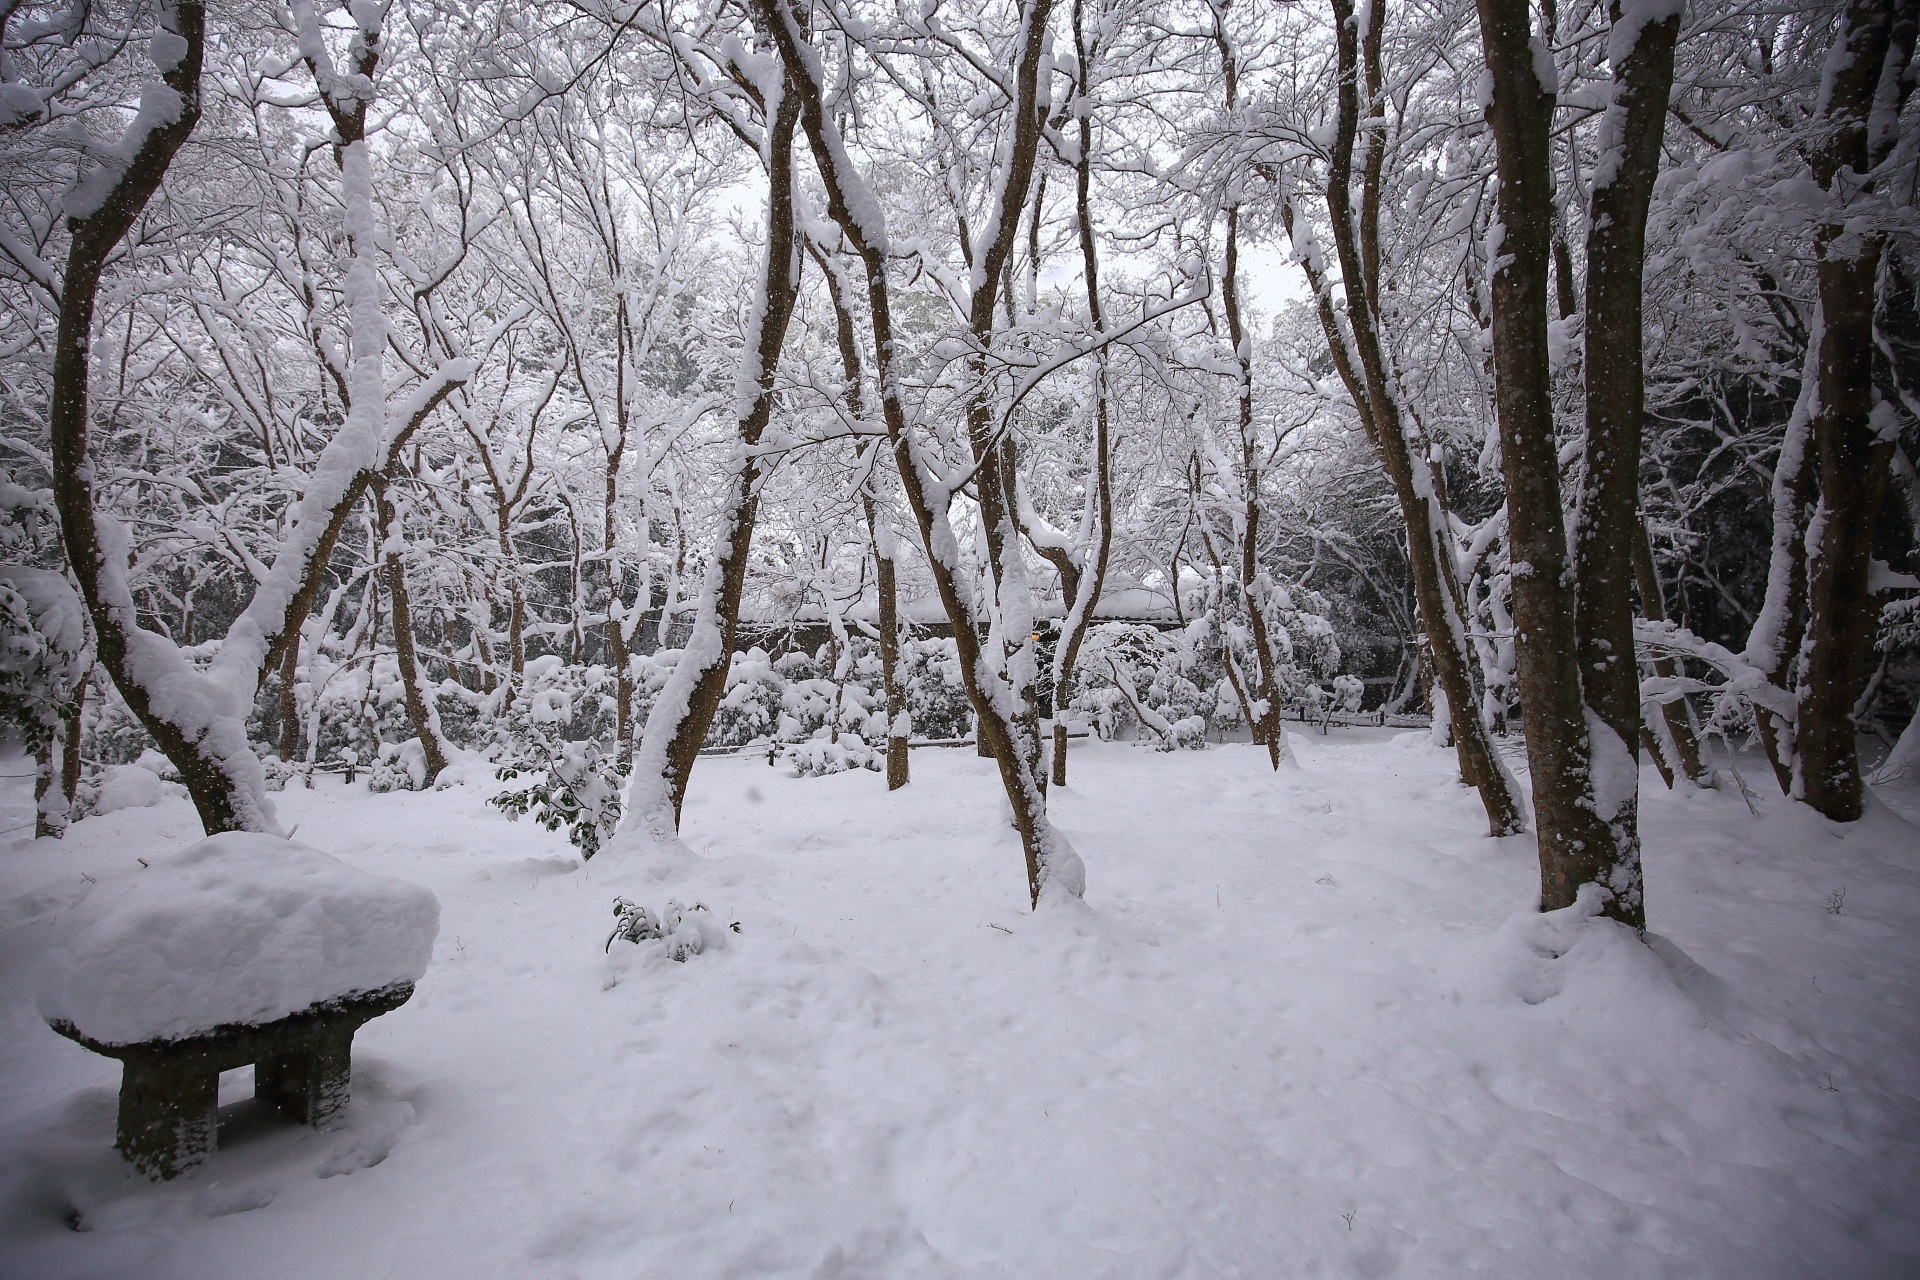 嵯峨野の祇王寺の庭園と草庵の雪景色